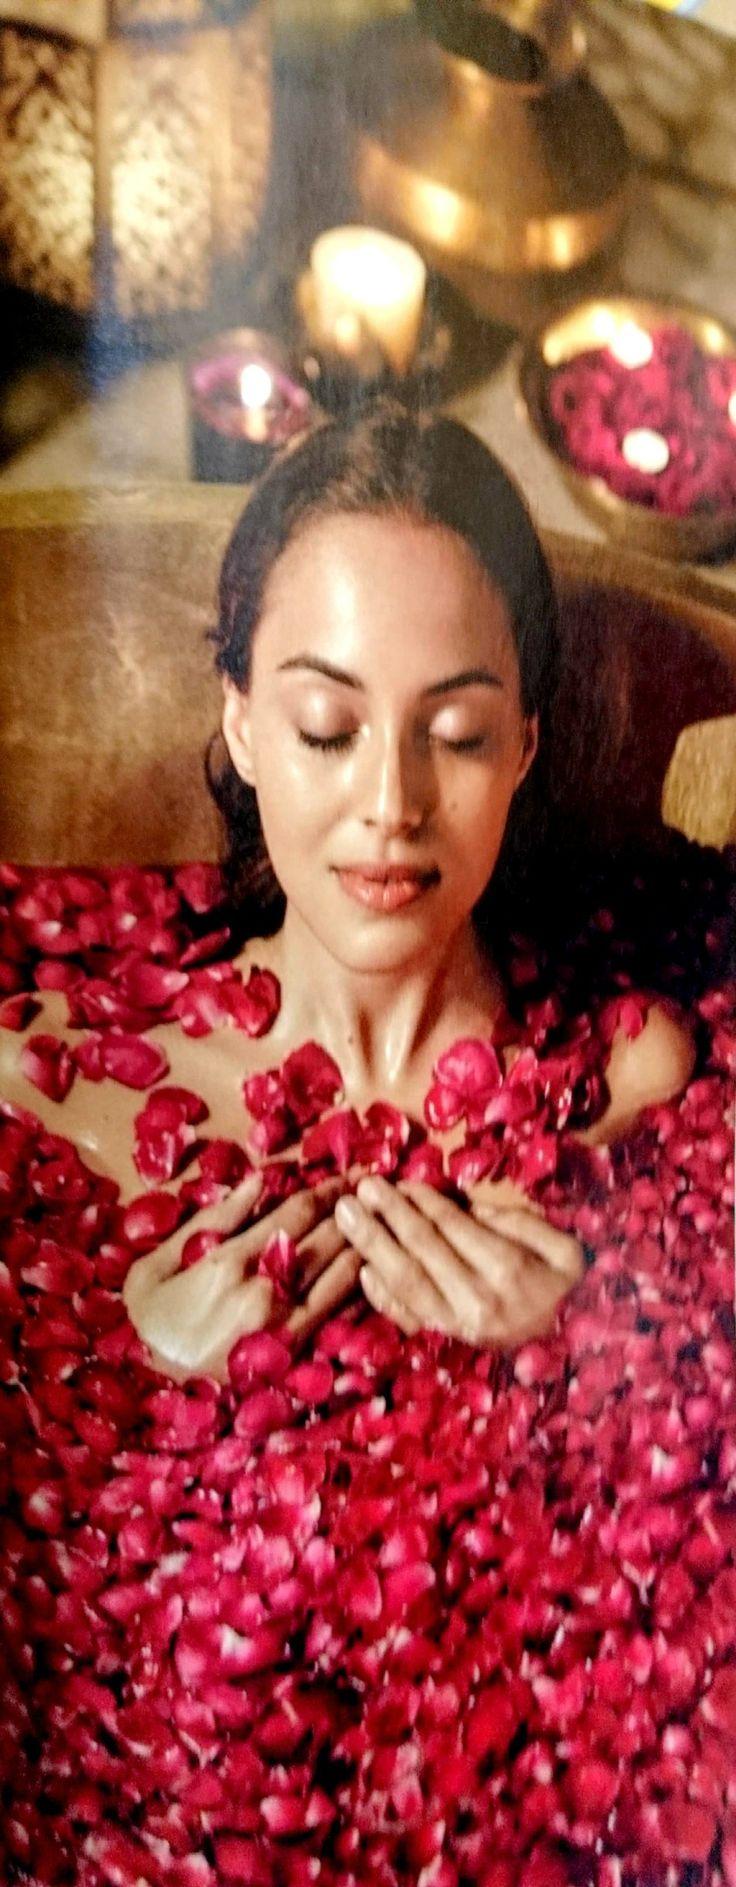 Baño 🛁 Tina PÉTALOS de rosa Relax